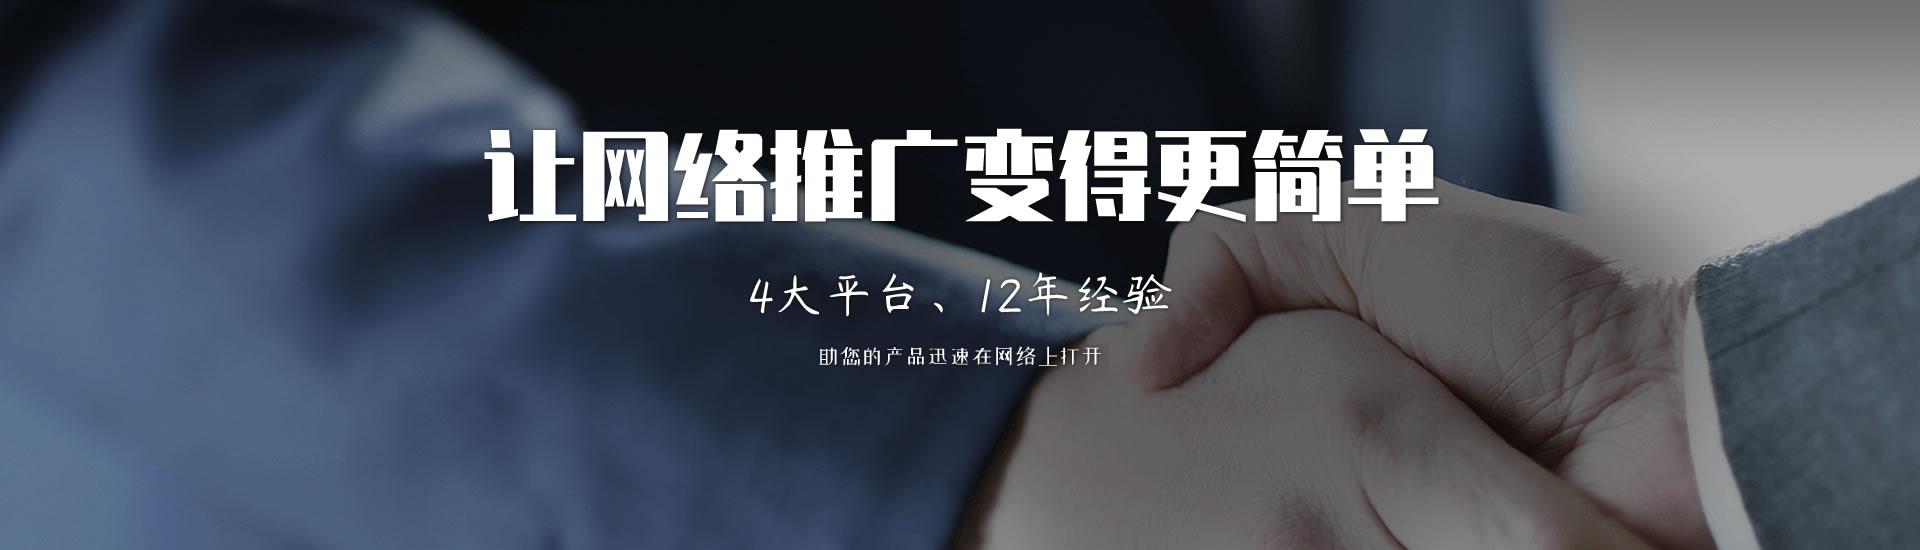 北京松松兄弟科技有限公司